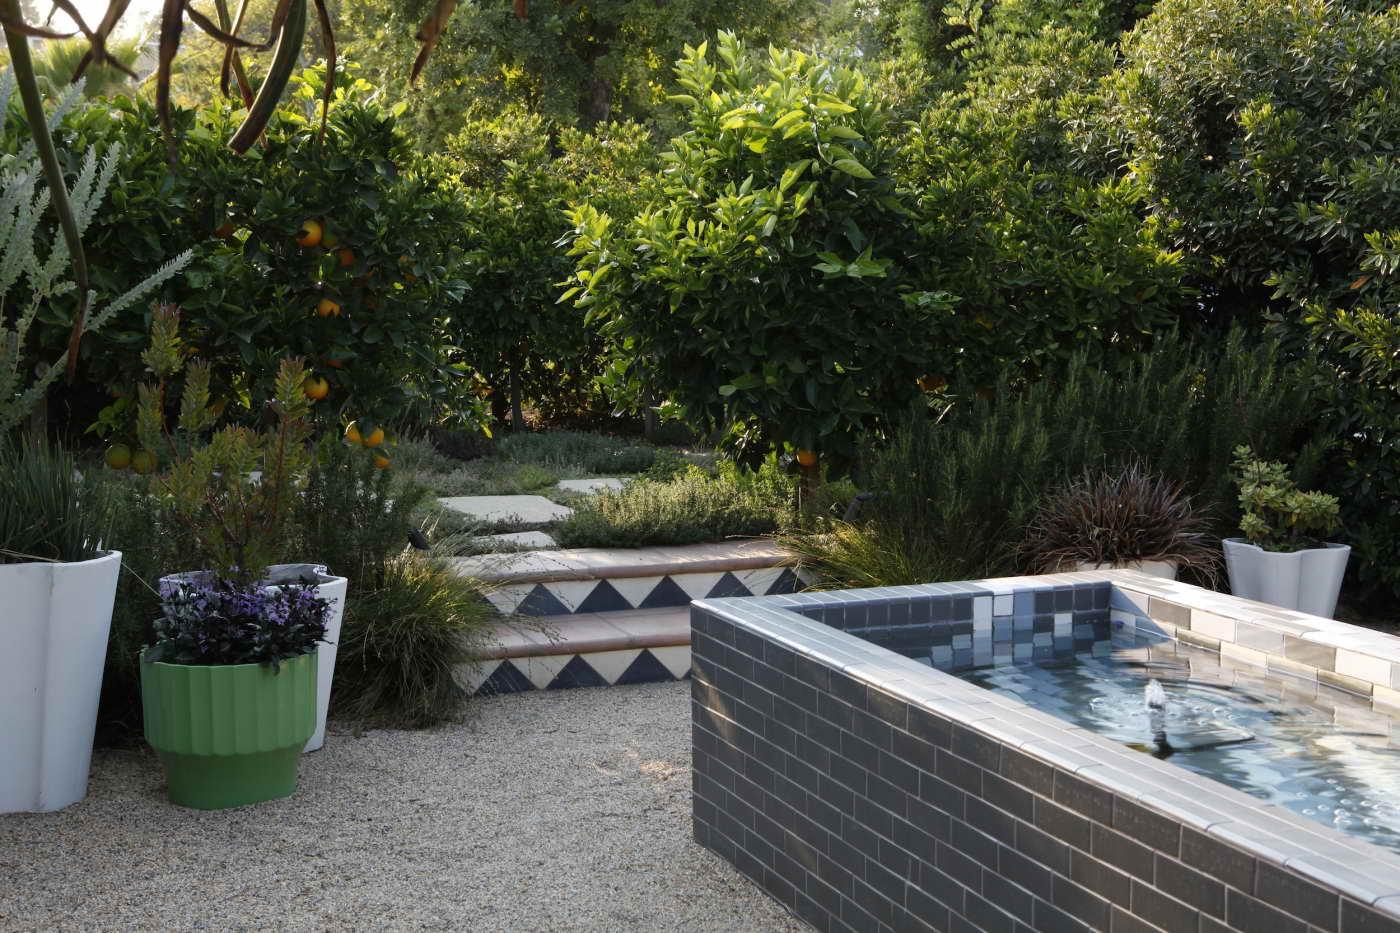 kerti lépcső többszintű terasz és kert - geometrikus formák minták